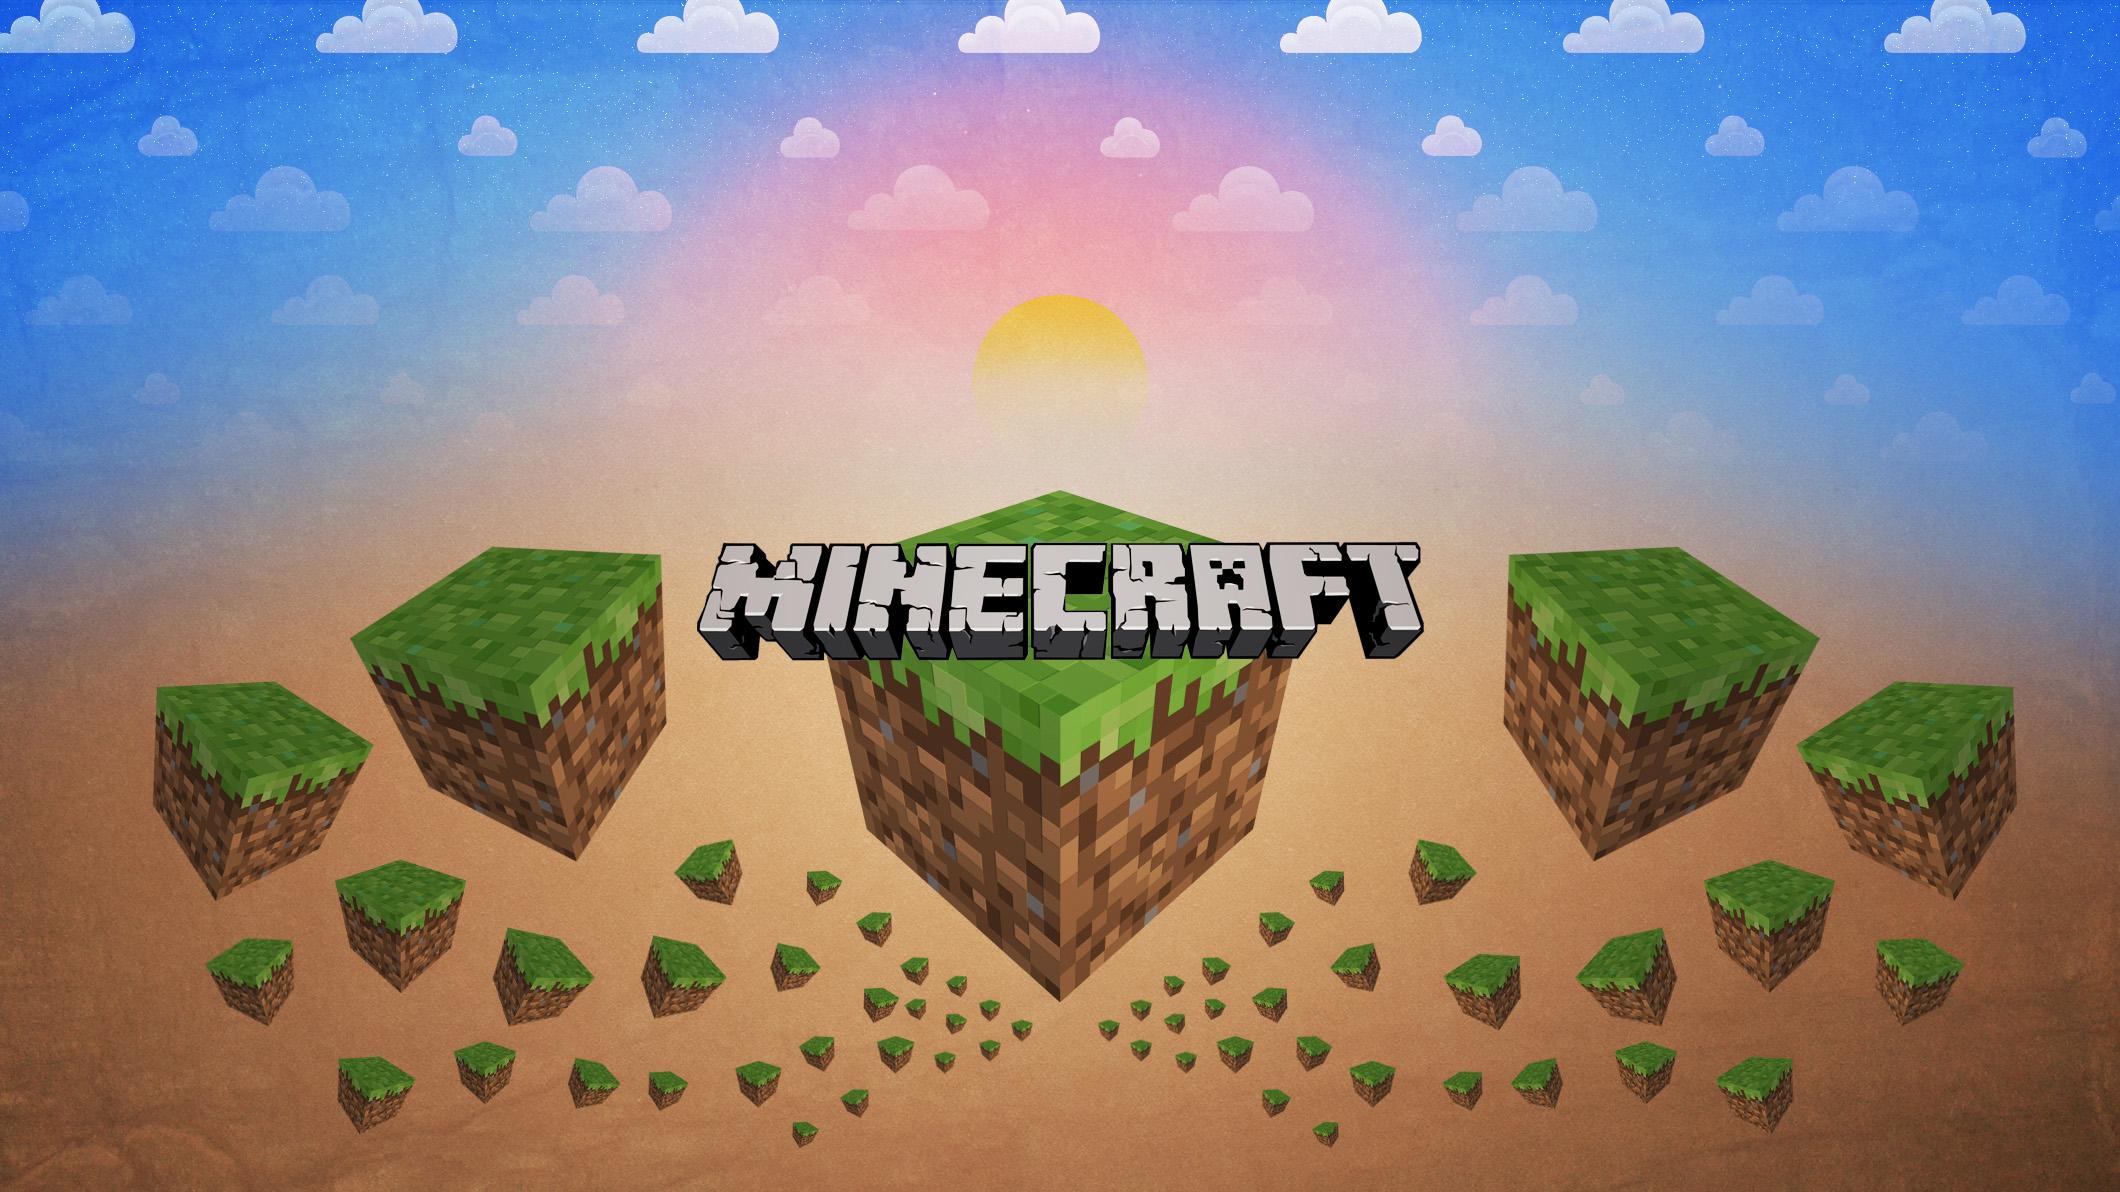 Скачать картинку для ютуба 2048 х 1152 - кладовая Minecraft